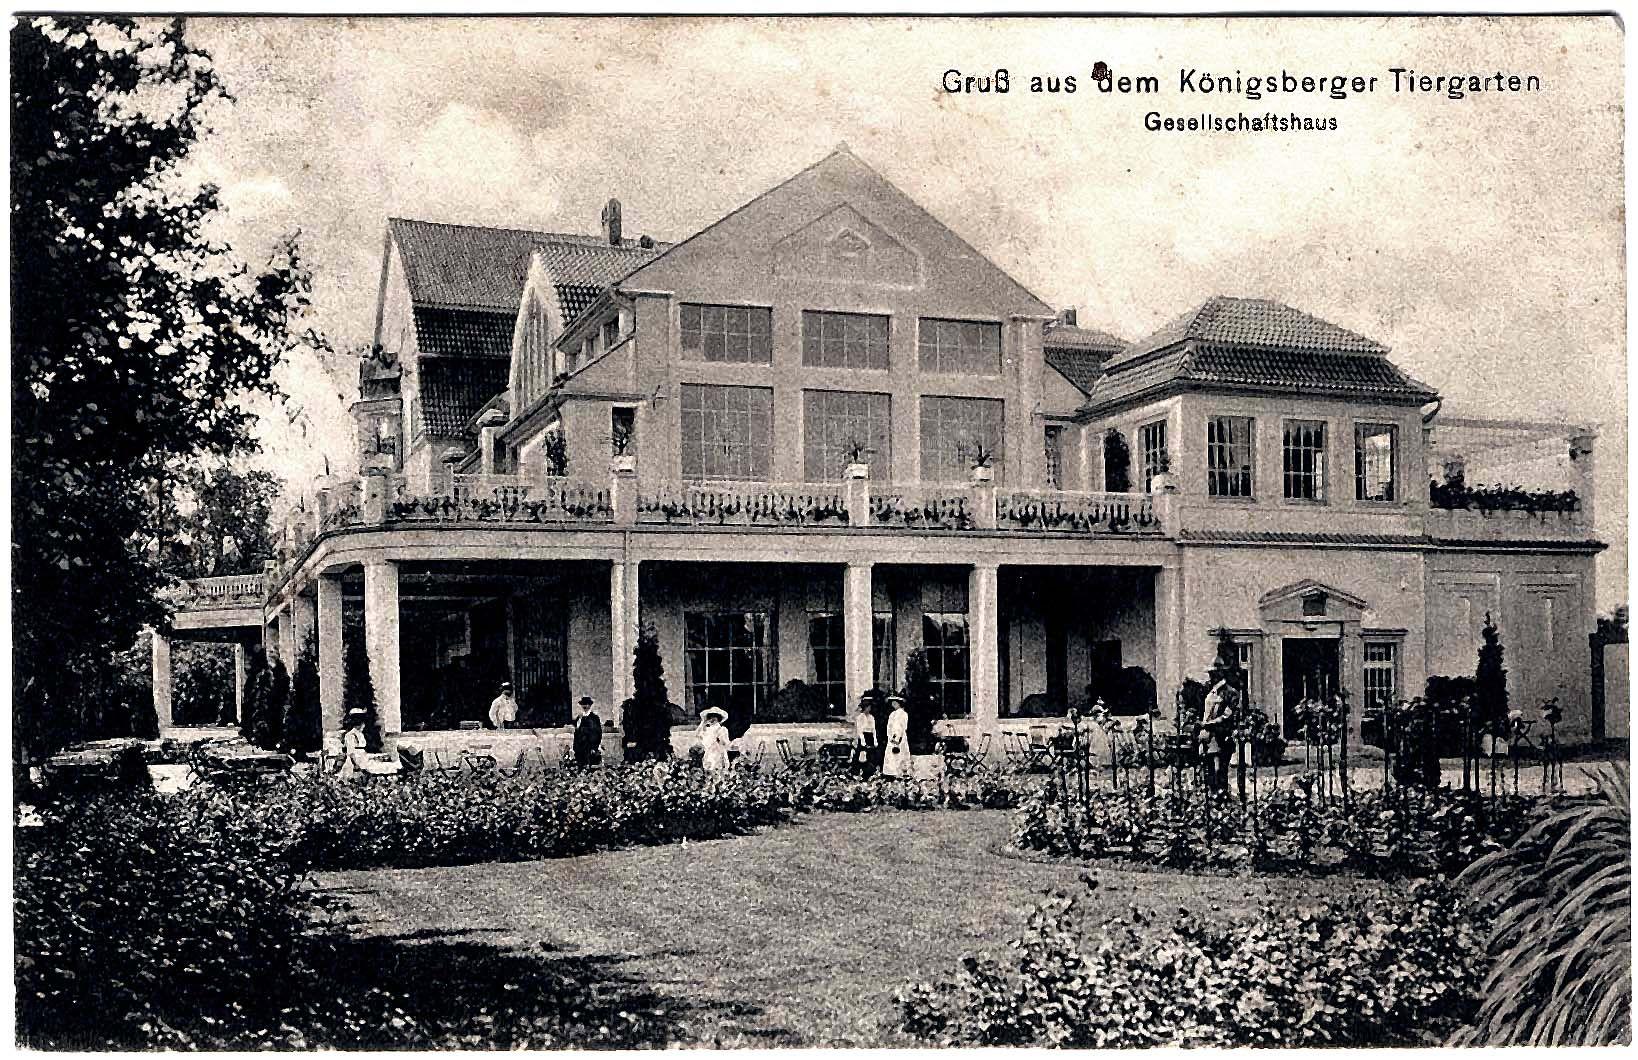 Königsberg Pr.   Tiergarten,  Gesellschaftshaus